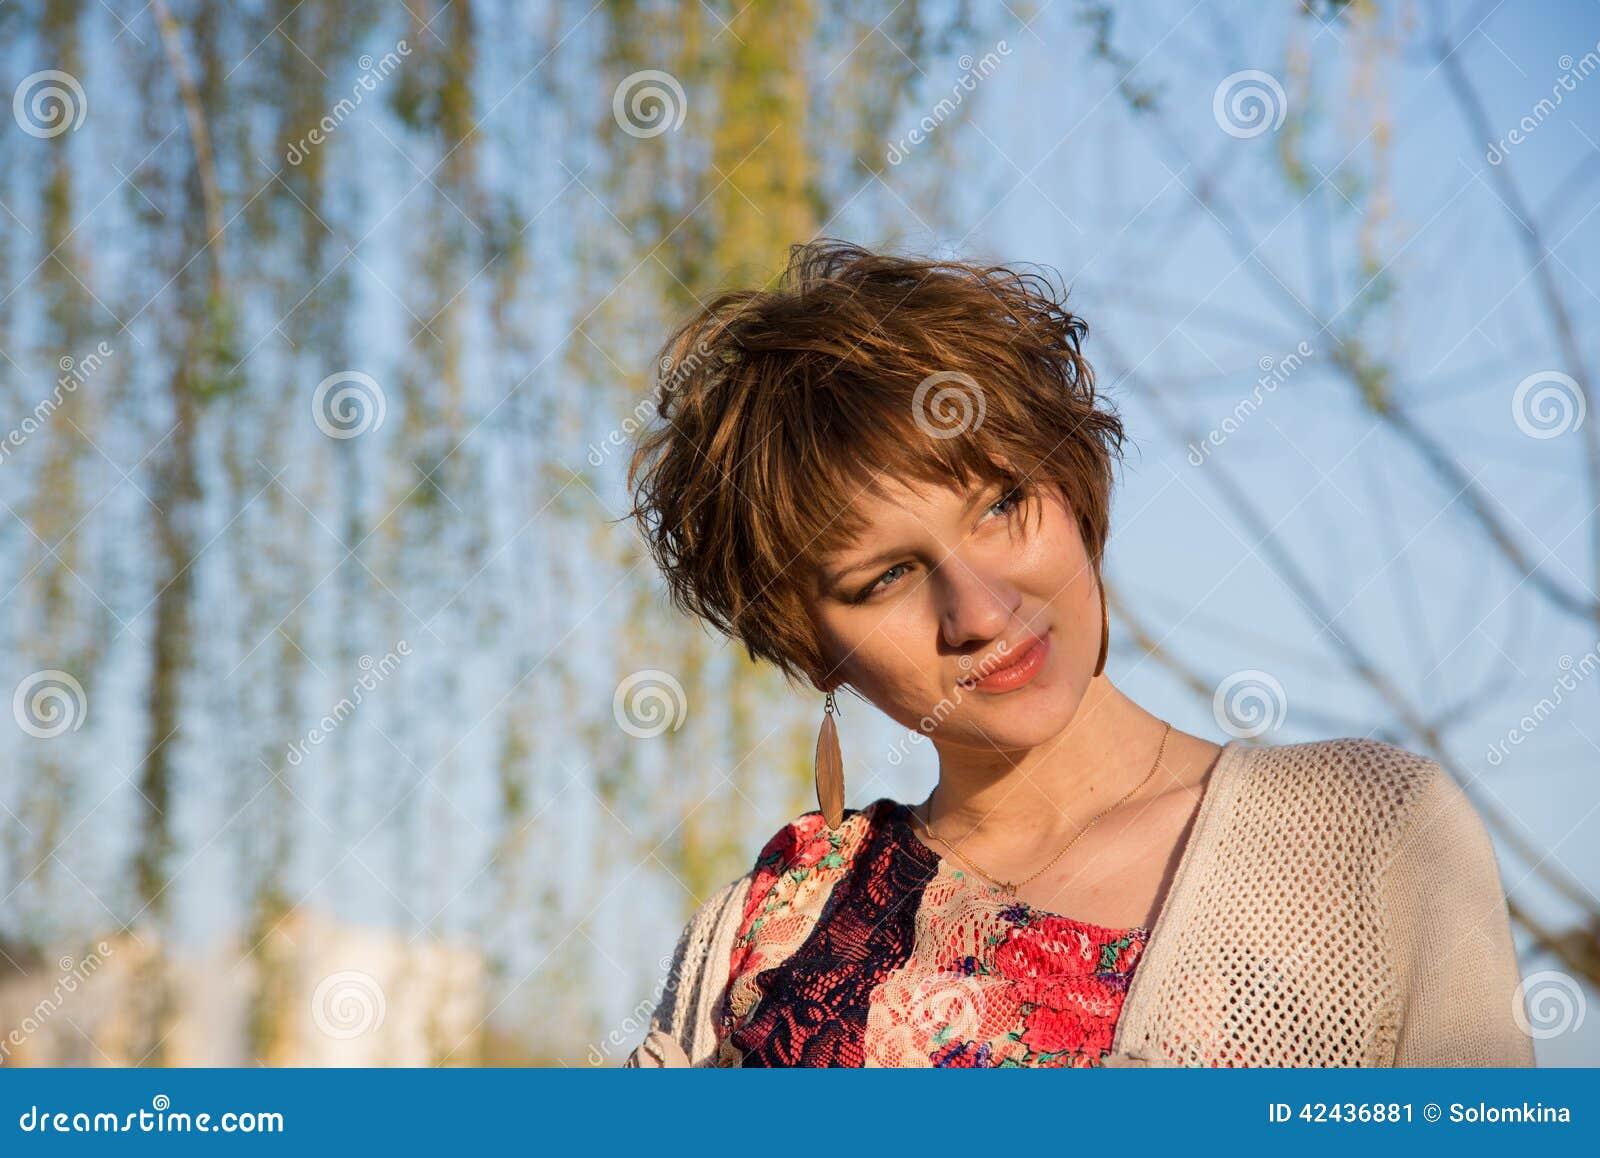 Retrato de una muchacha embarazada joven